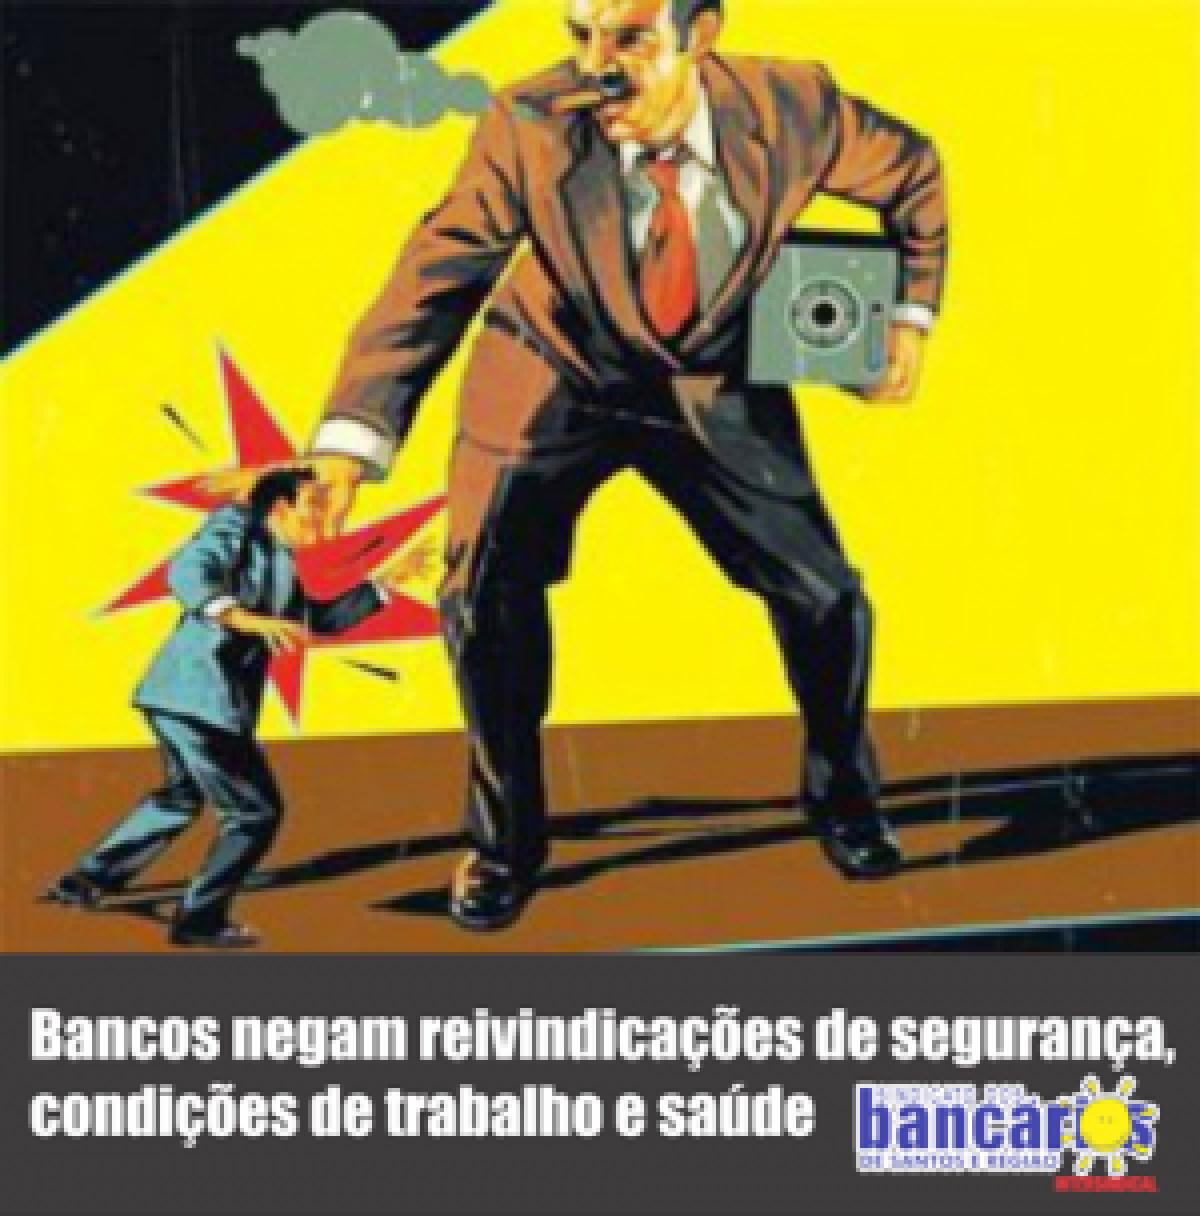 Bancos negam reivindicações de saúde, condições de trabalho e segurança